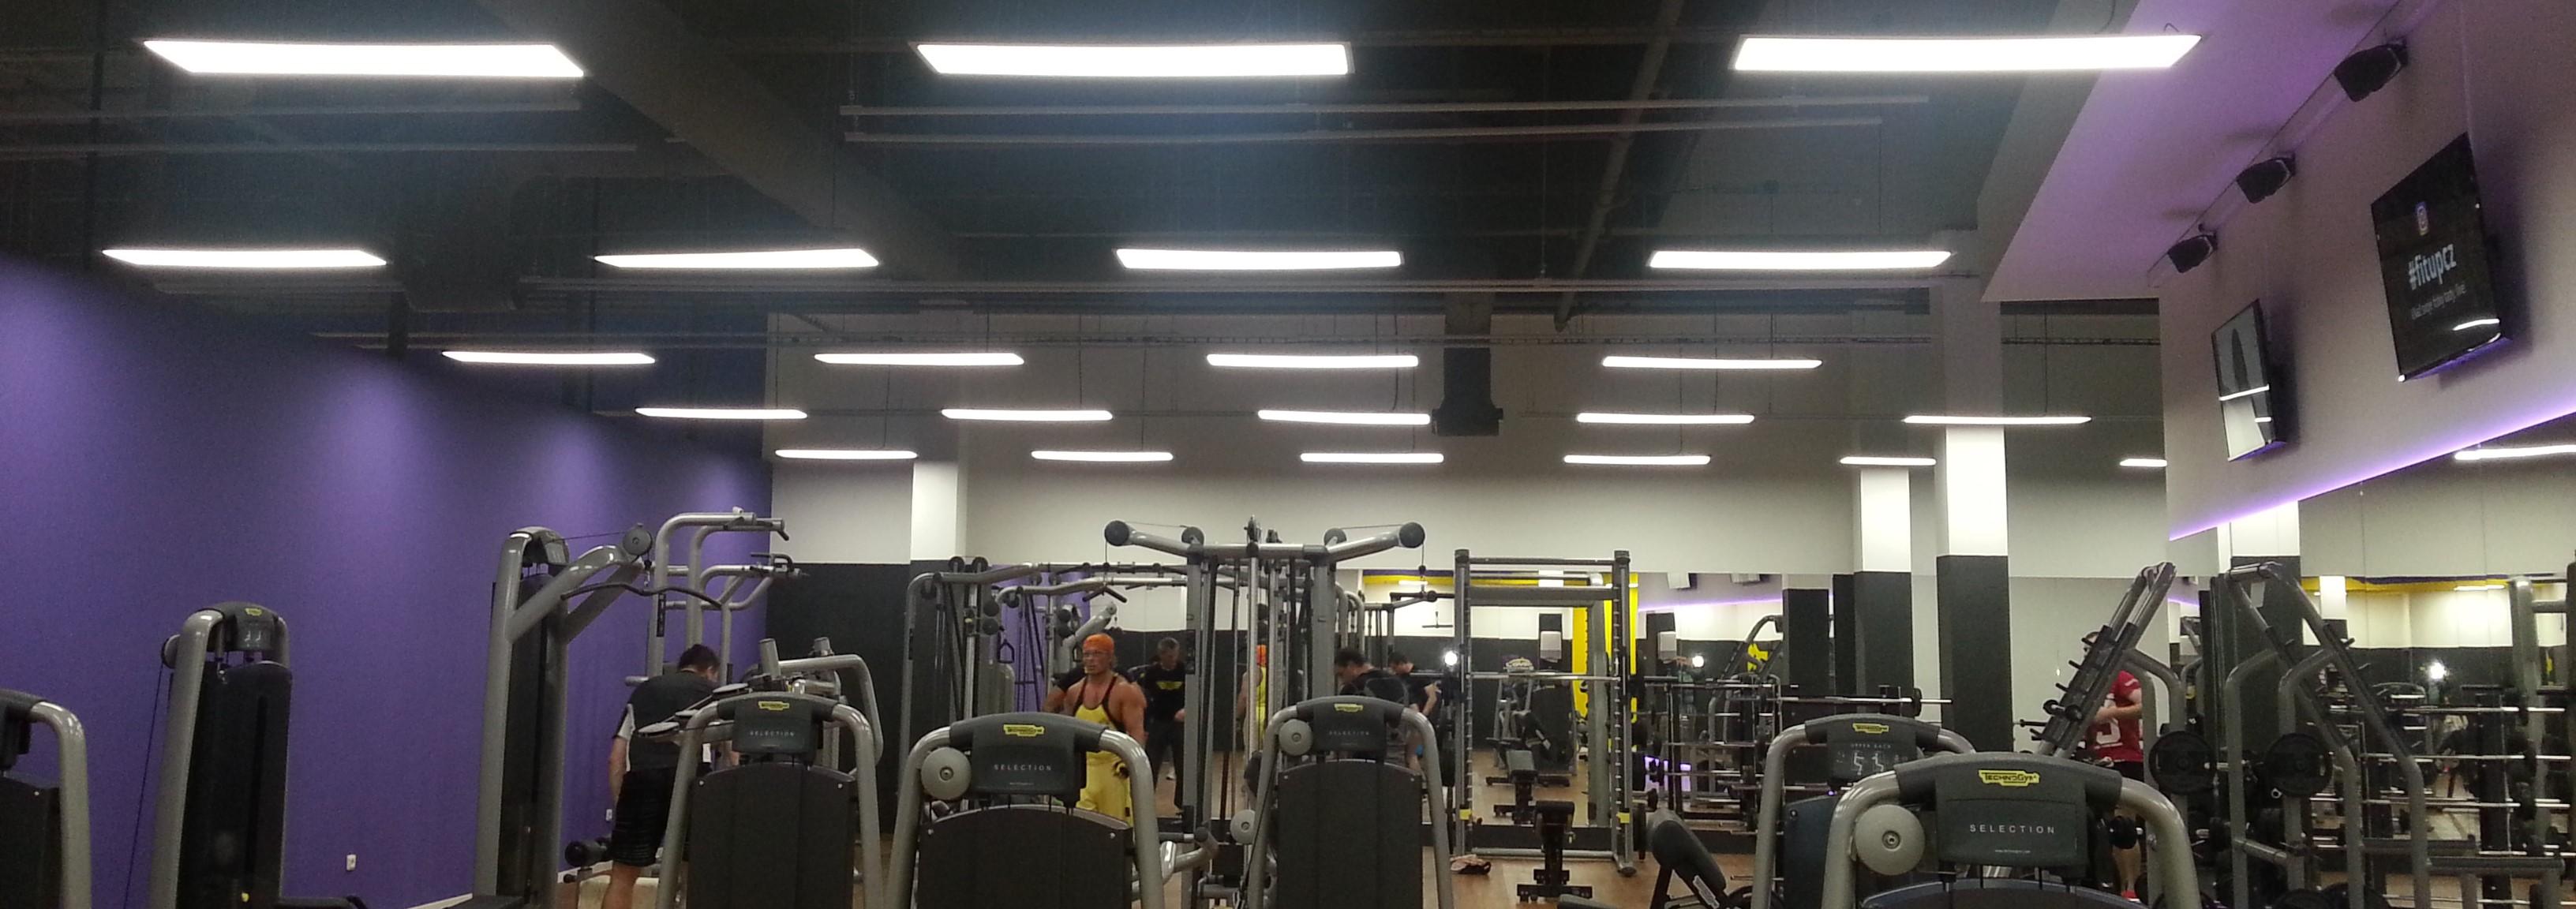 fitness_led_osvetleni_praha_toplux